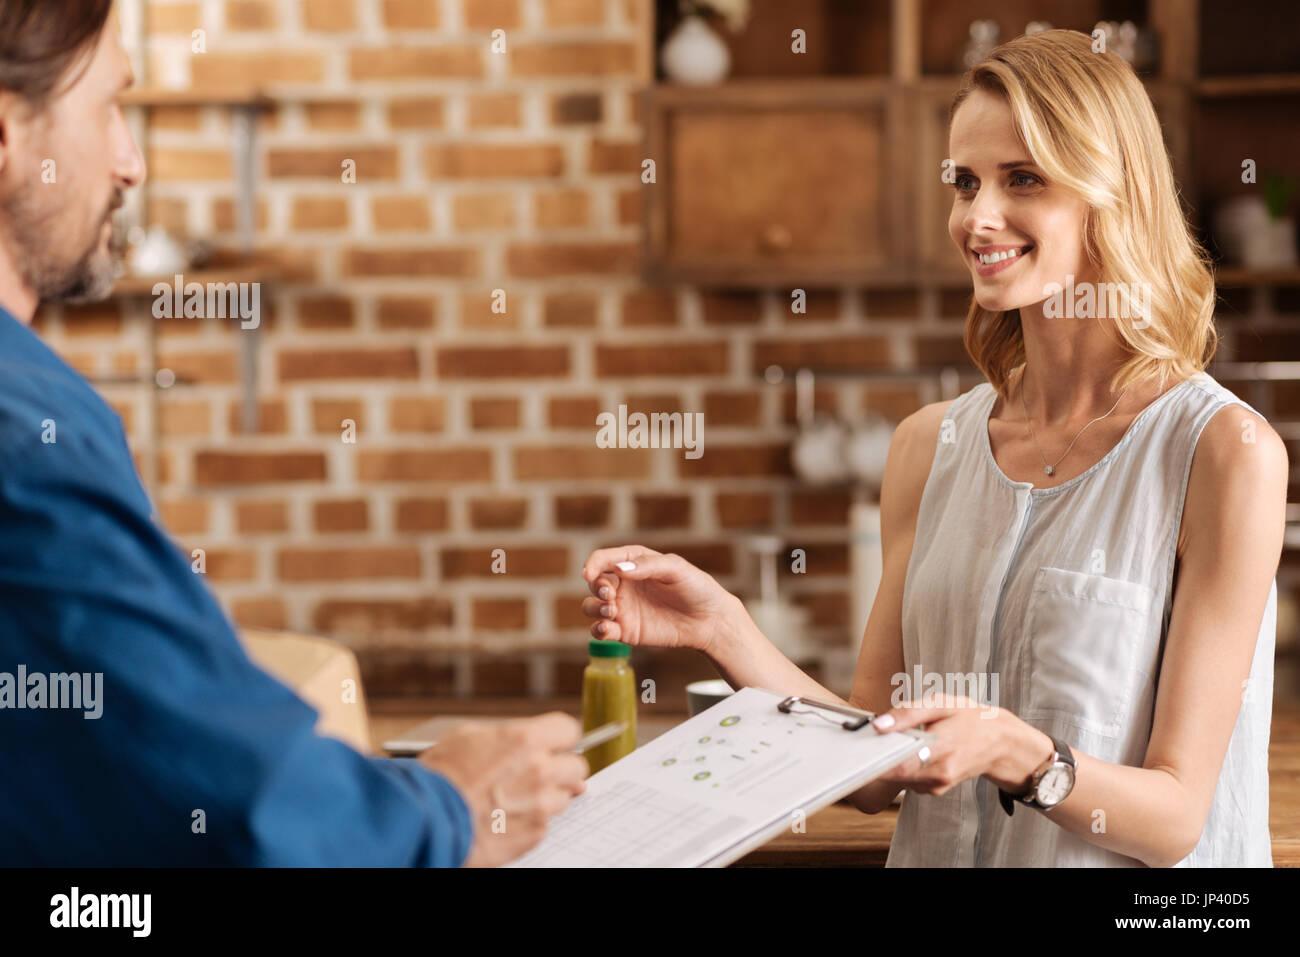 Wunderschöne dankbar Dame bietet ihre Unterschrift Stockbild